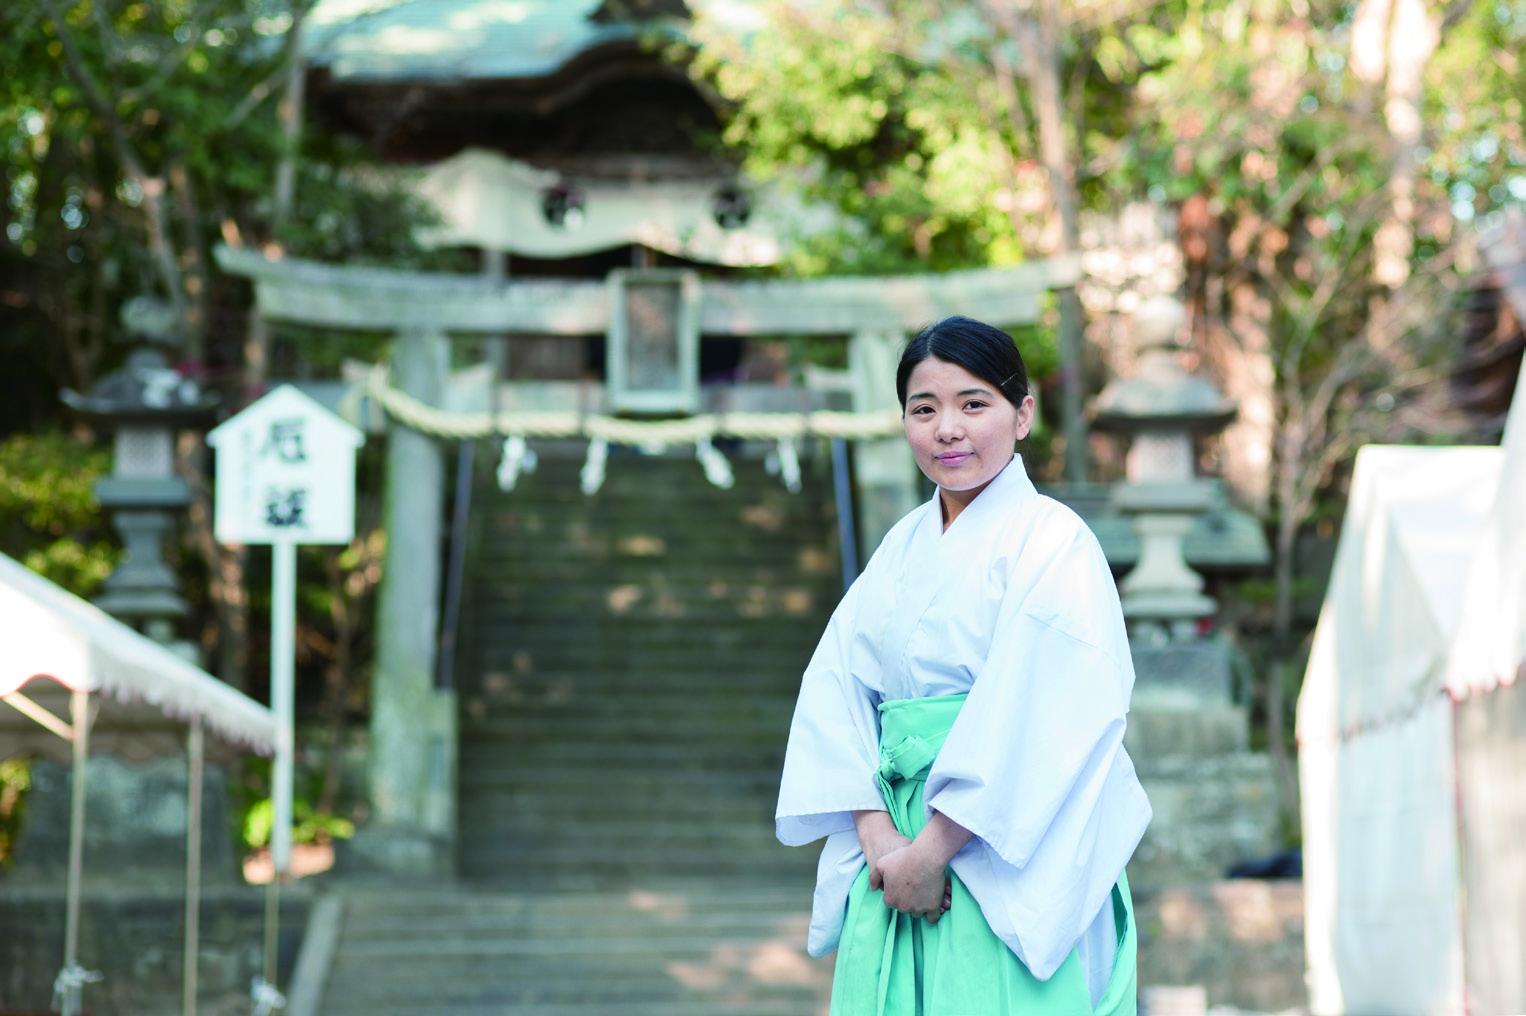 女性の神職として、神道に末長く...